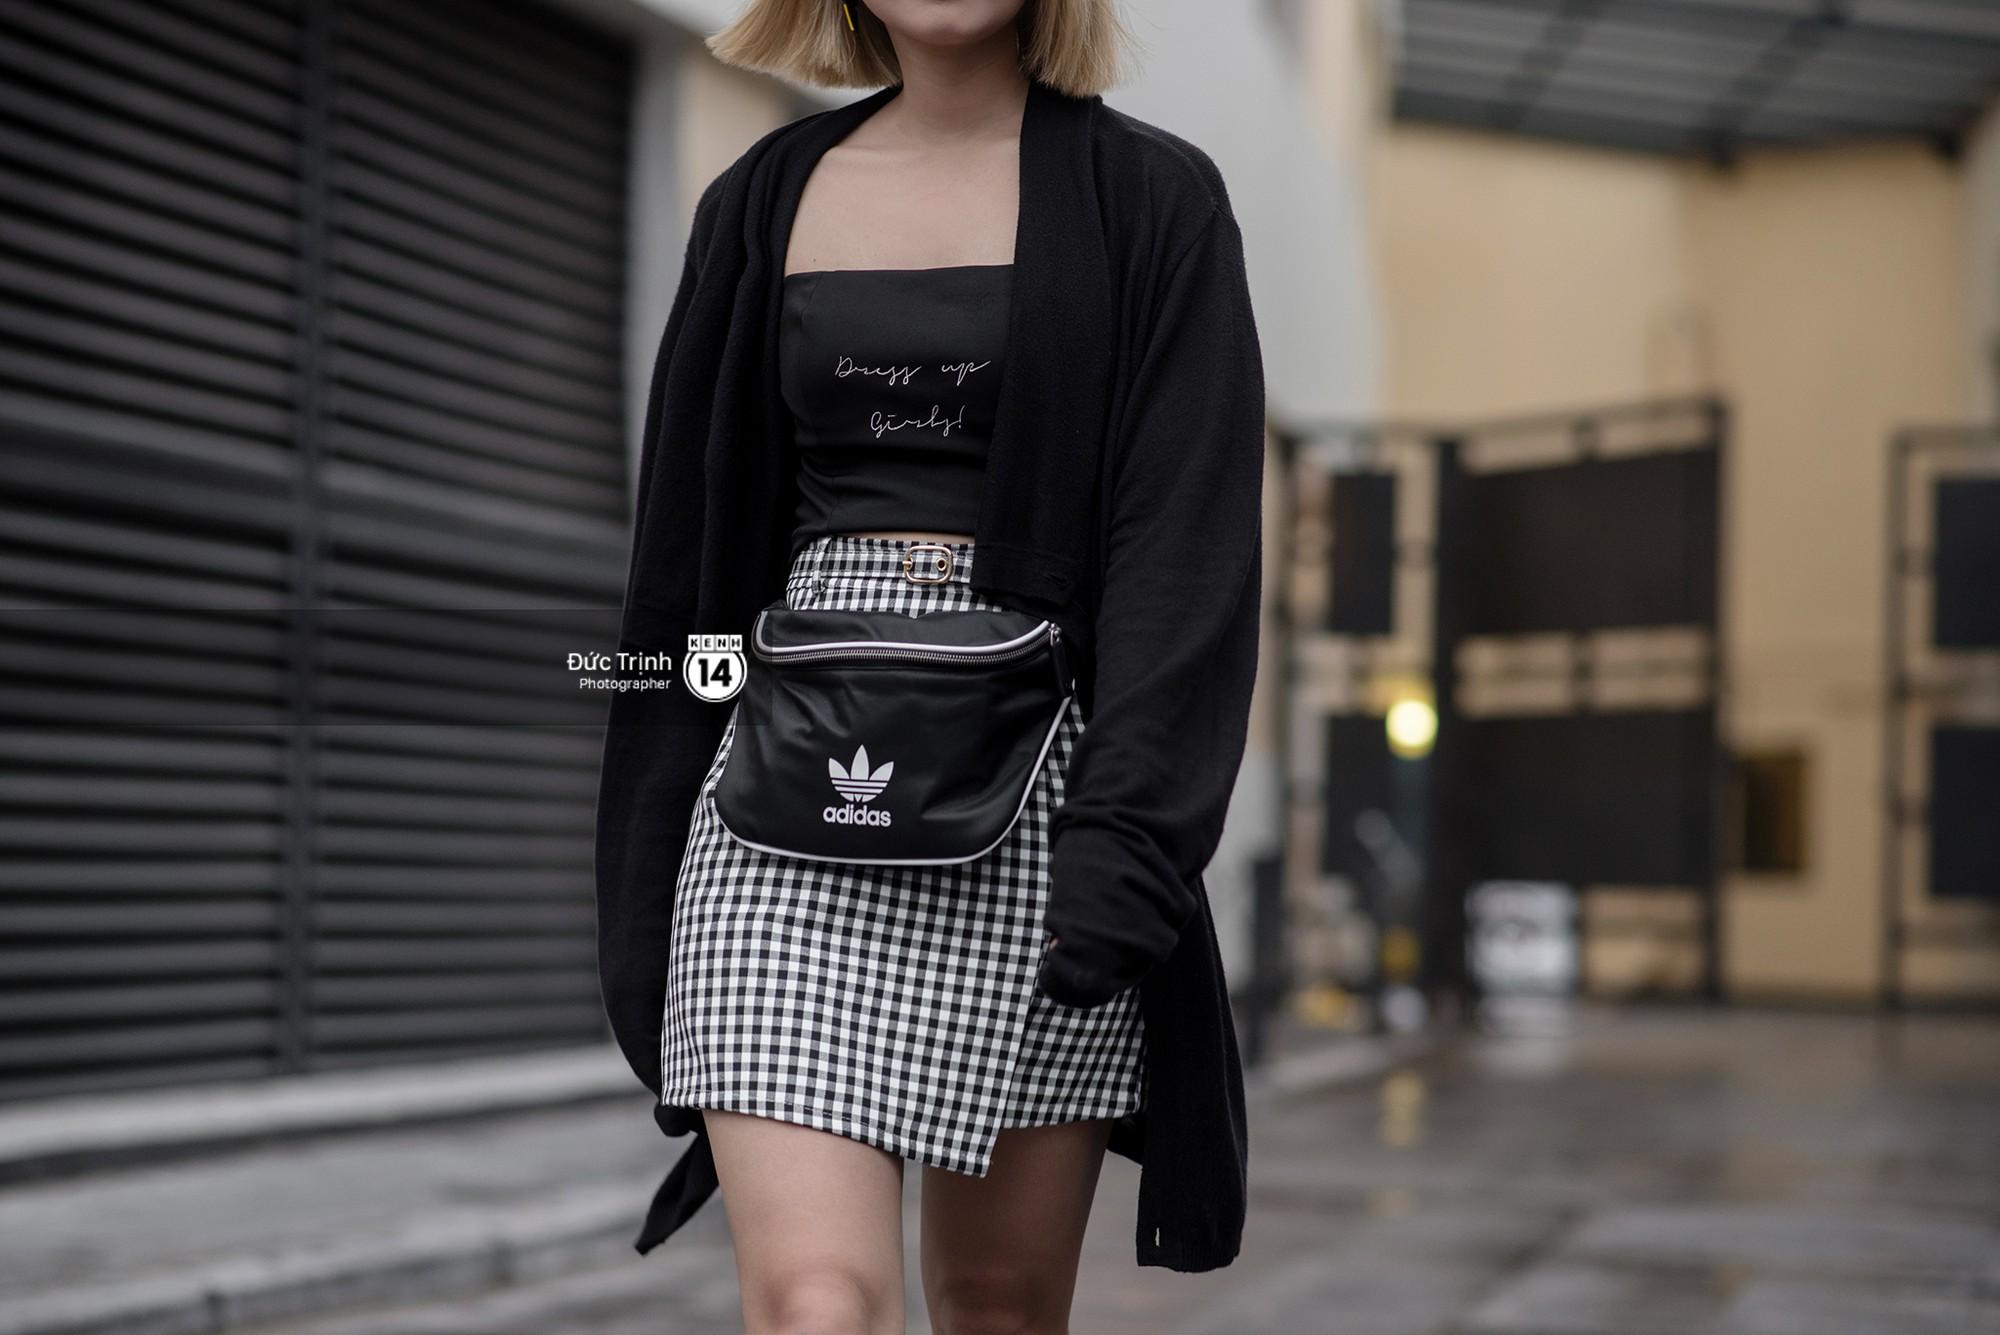 Giới trẻ 2 miền chinh phục loạt hot trend, khoe street style siêu cool và thời thượng ngắm là mê - Ảnh 17.